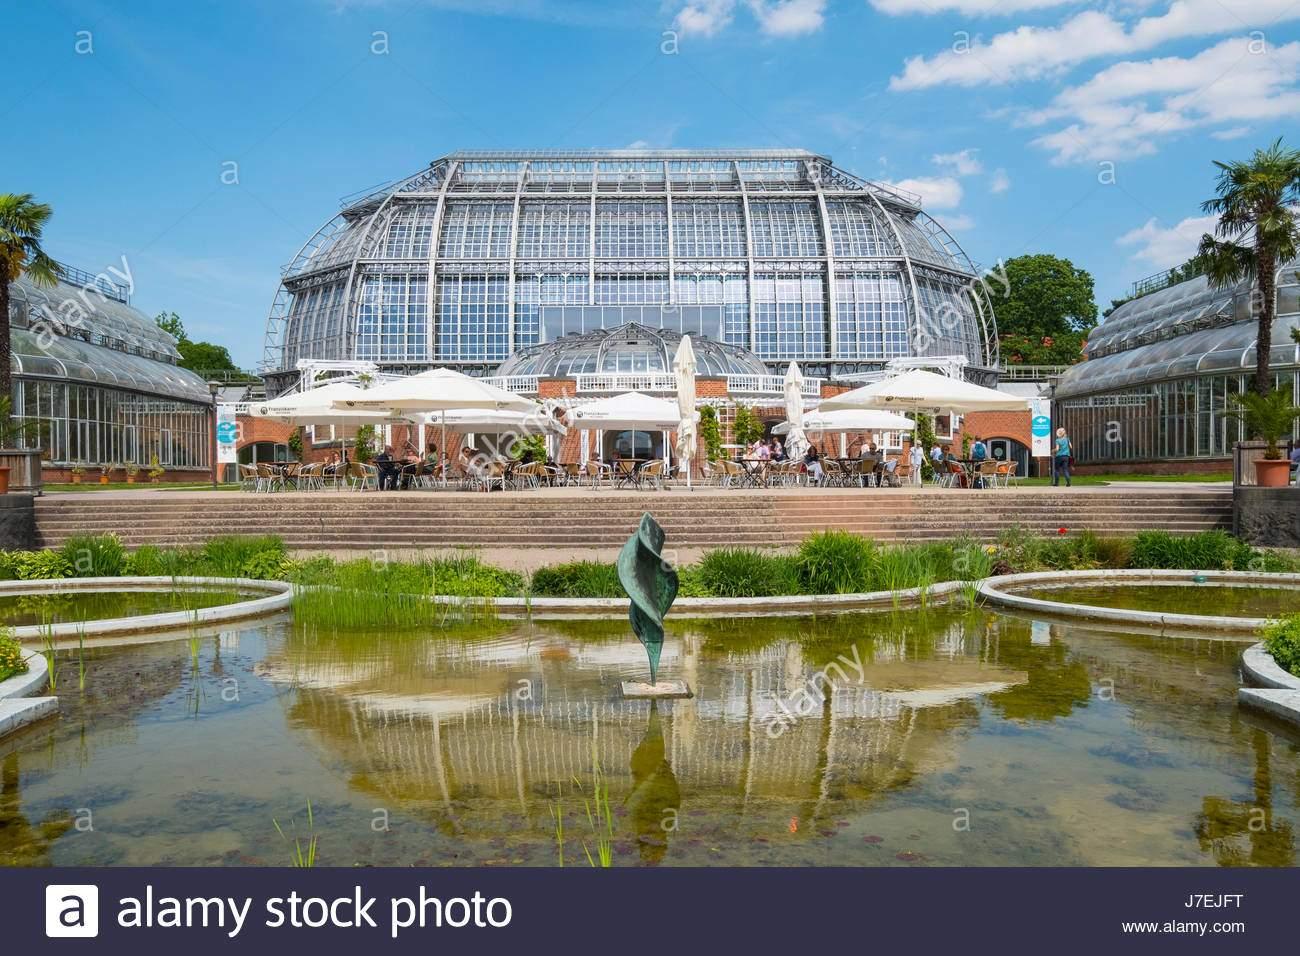 gewachshaus im berliner botanischen garten in dahlem berlin deutschland j7ejft